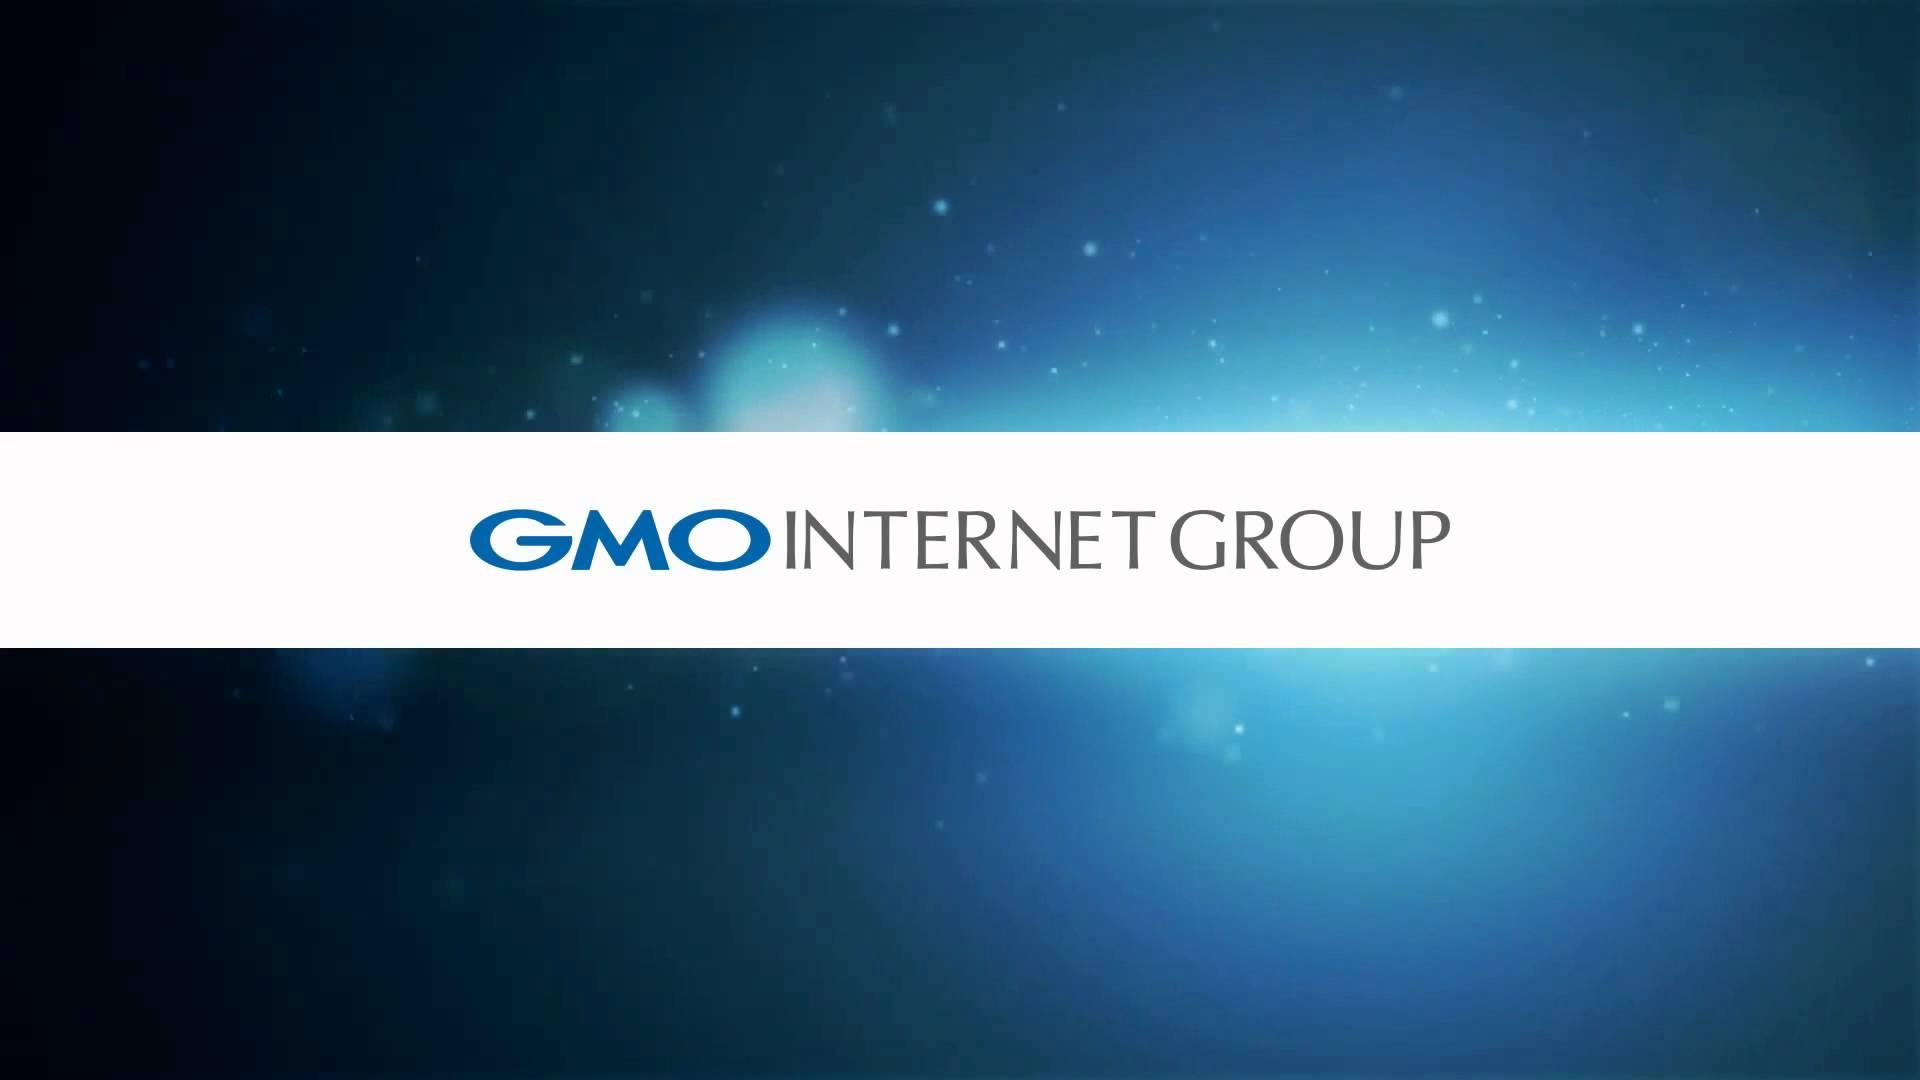 gmo internet group japon casa cambio criptomonedas bitcoin